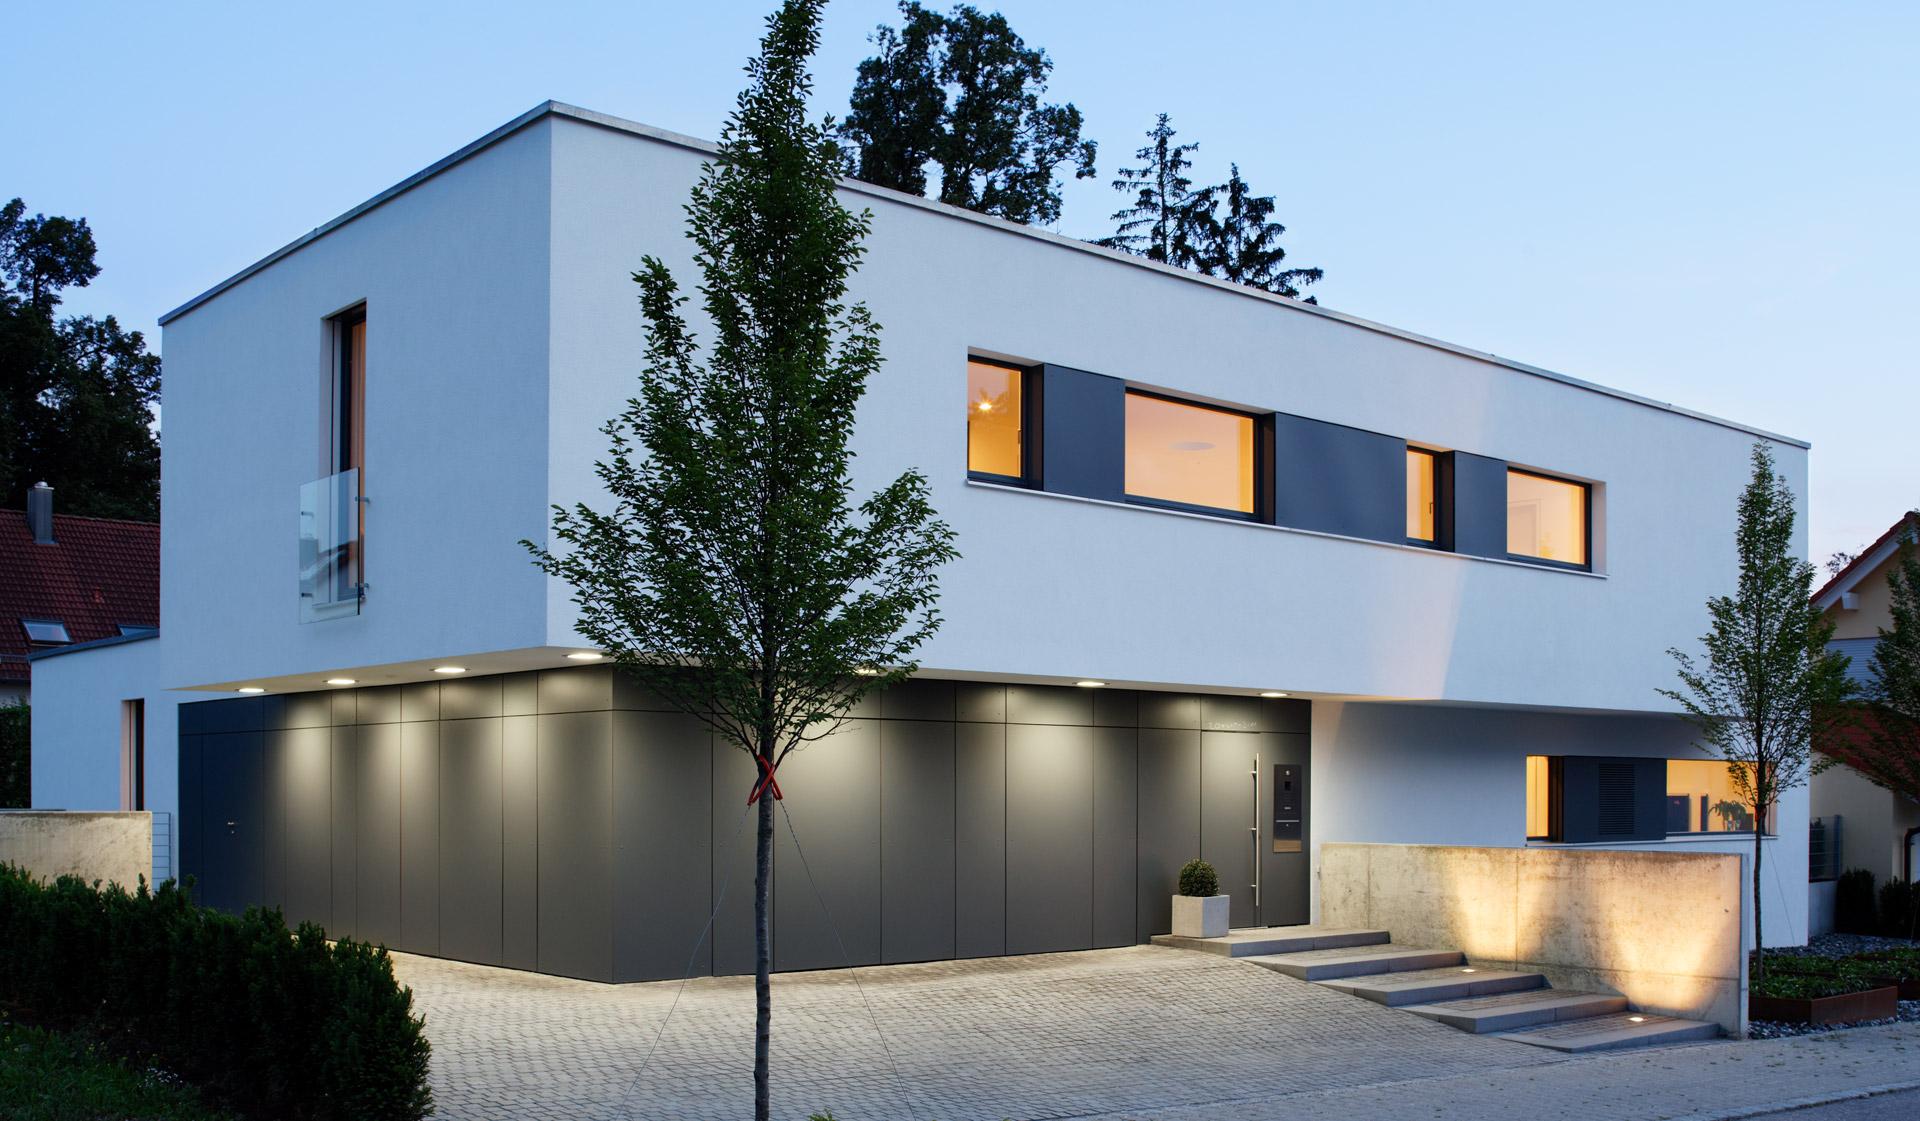 Wohnhaus in Reutti Weber Hummel Architekten 2